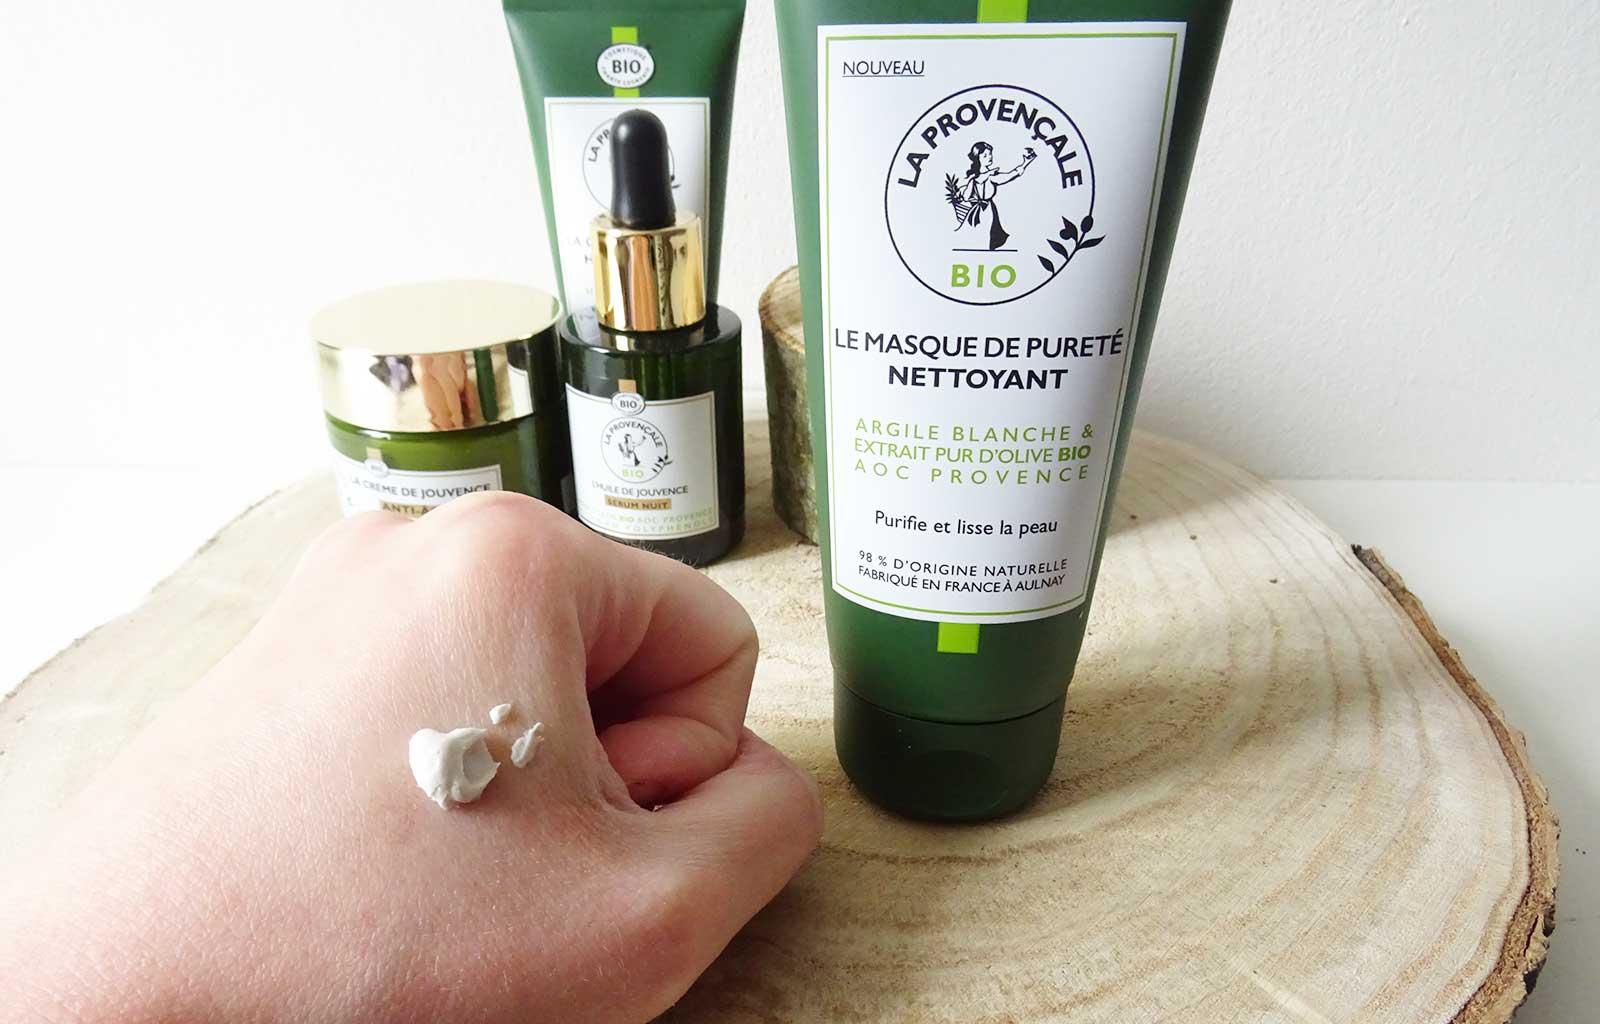 La Provençale soins visage bio naturels masque de pureté